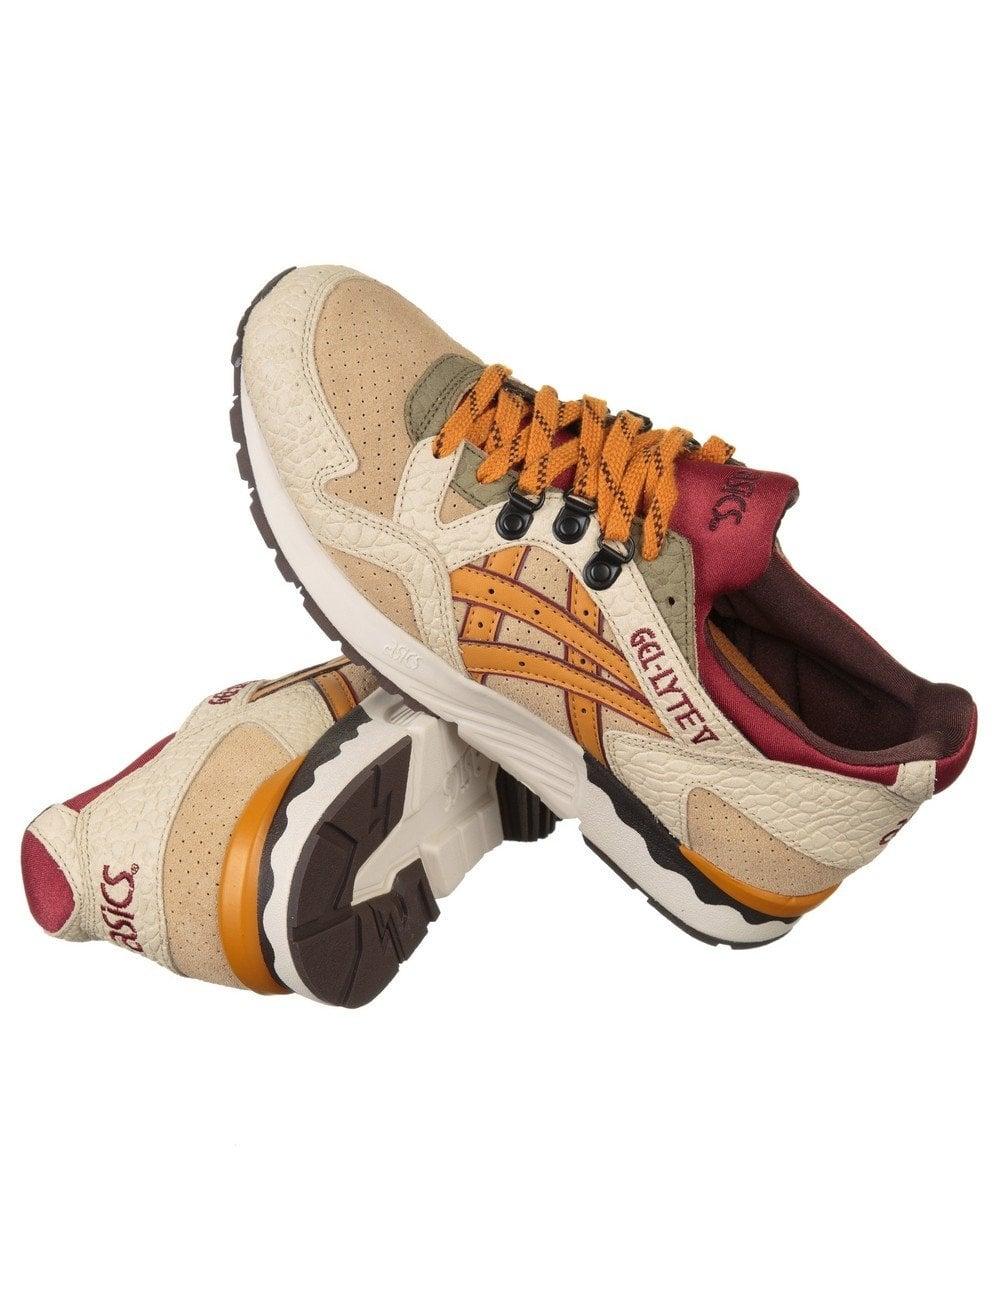 Asics Gel Lyte V 'Workwear' | Be mine! | Shoes, Asics shoes